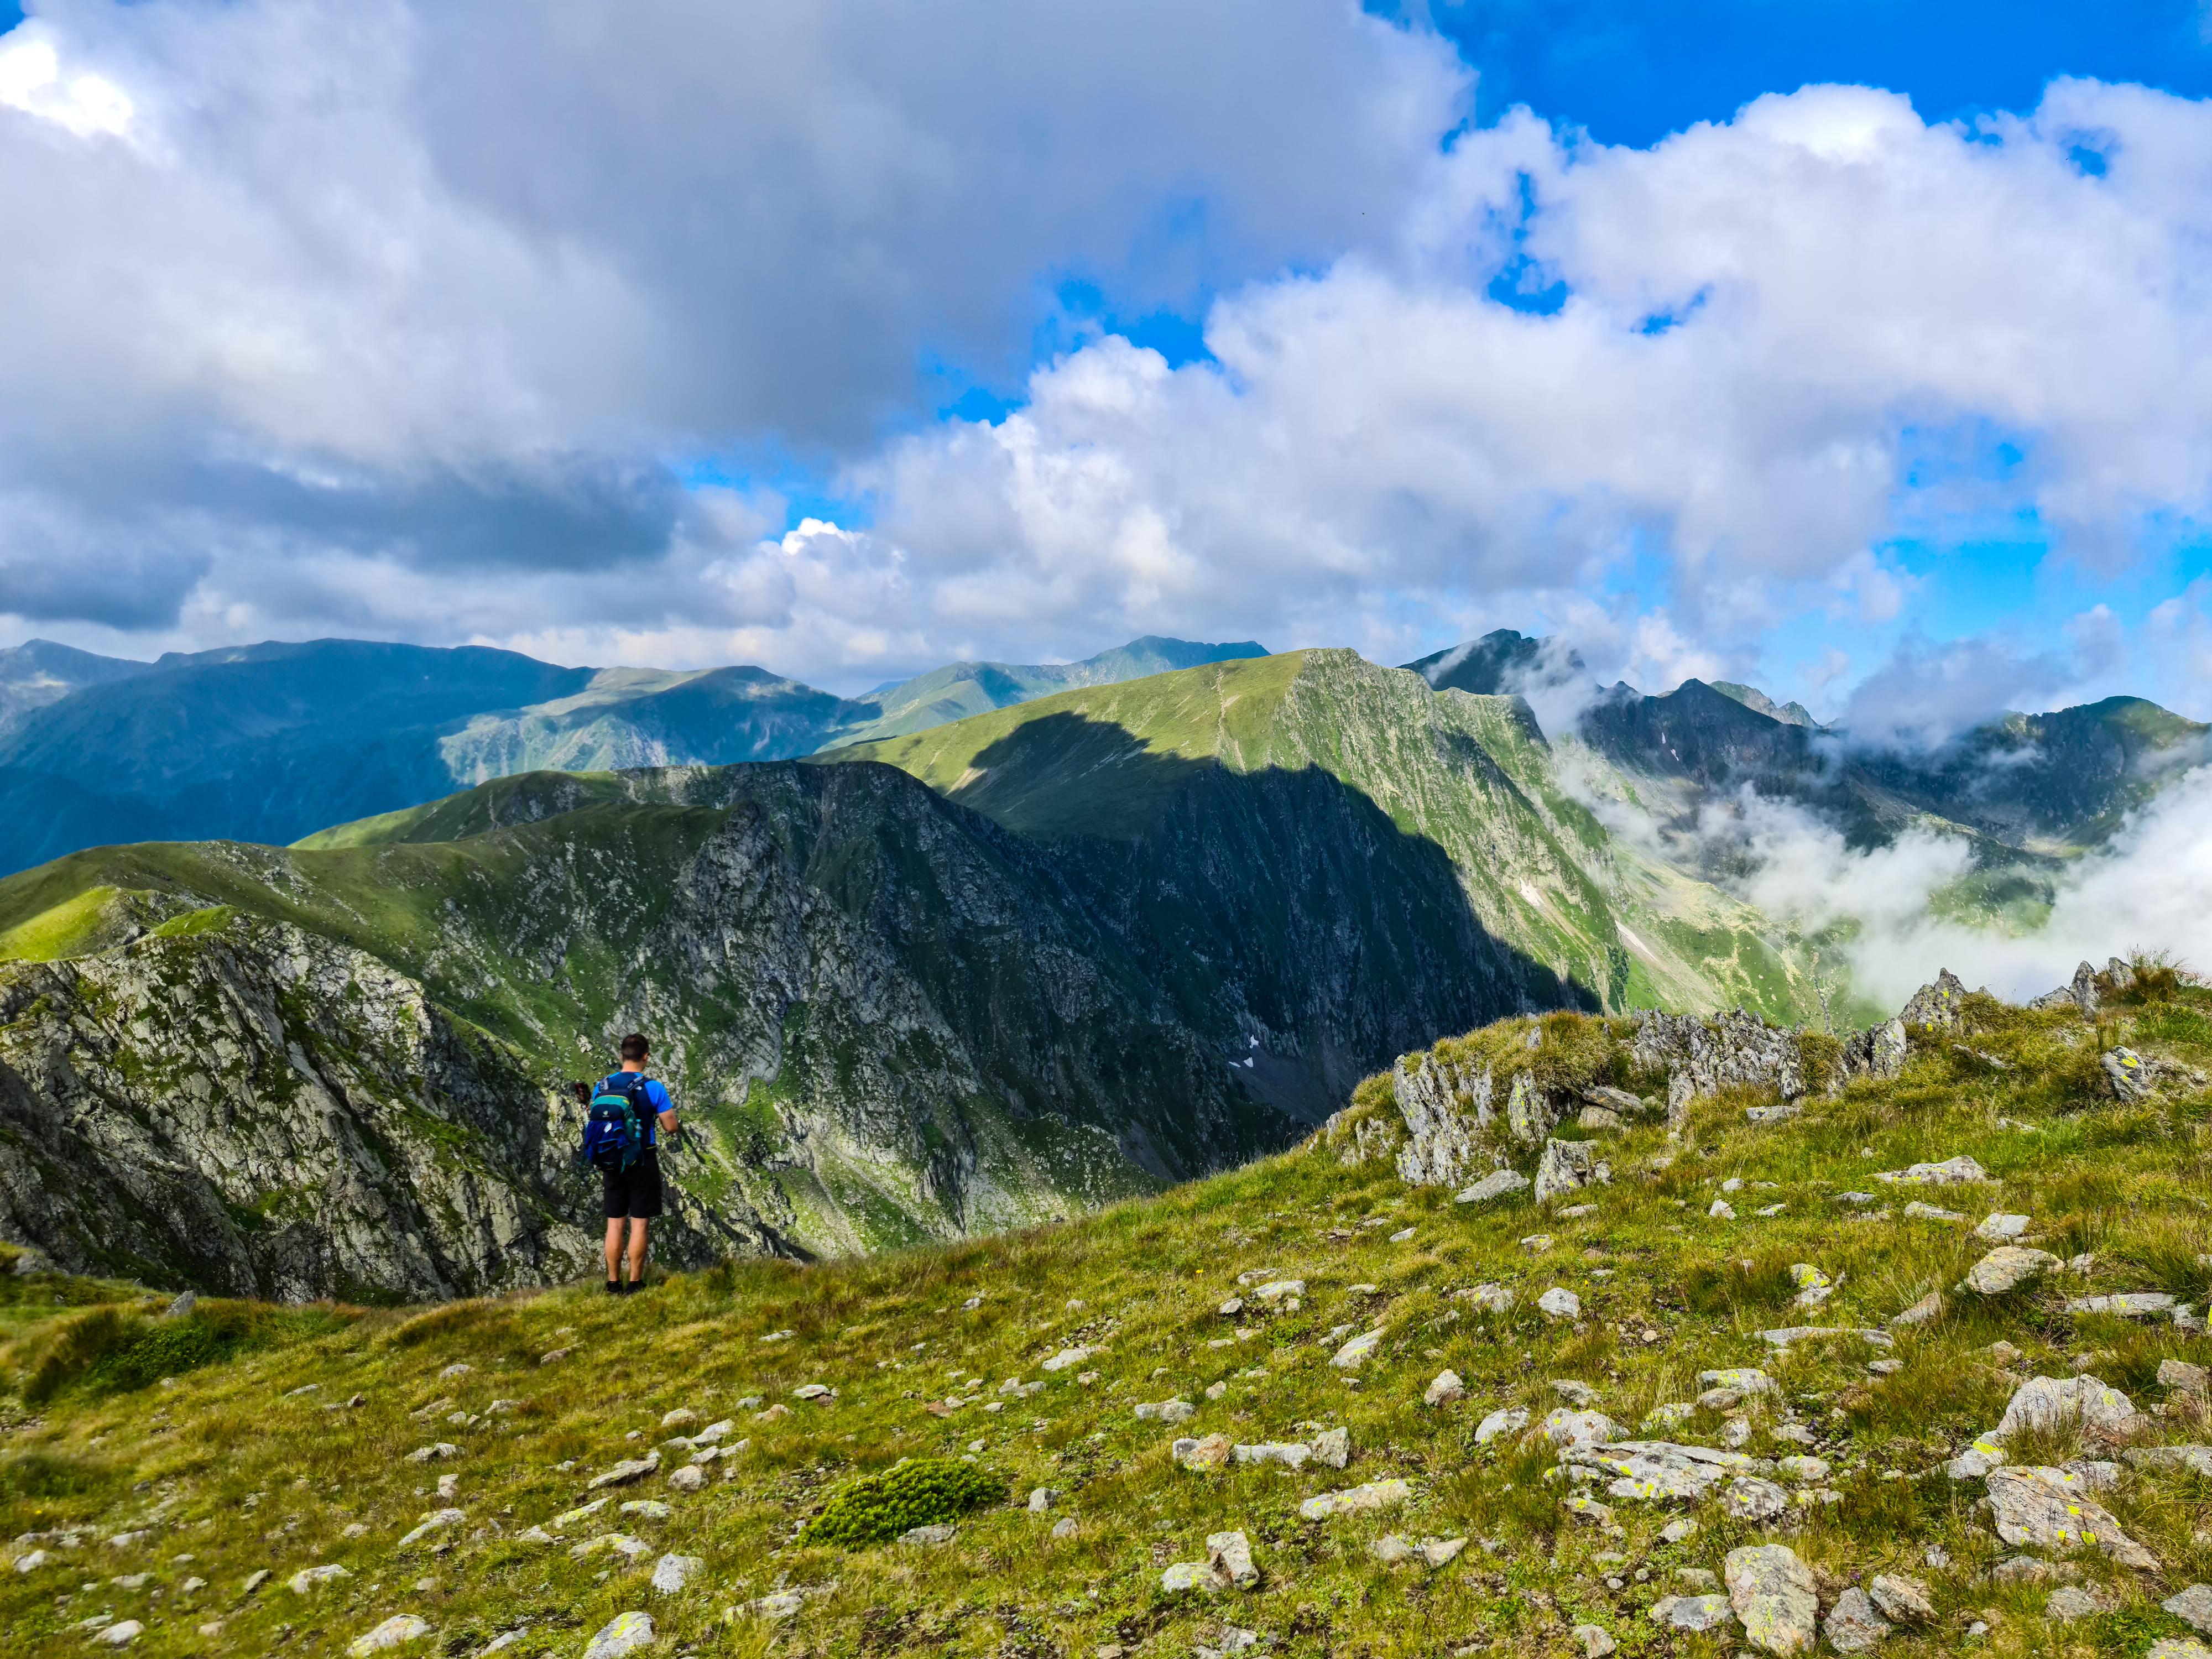 Un rucsac usor pentru ture montane rapide sau tehnice